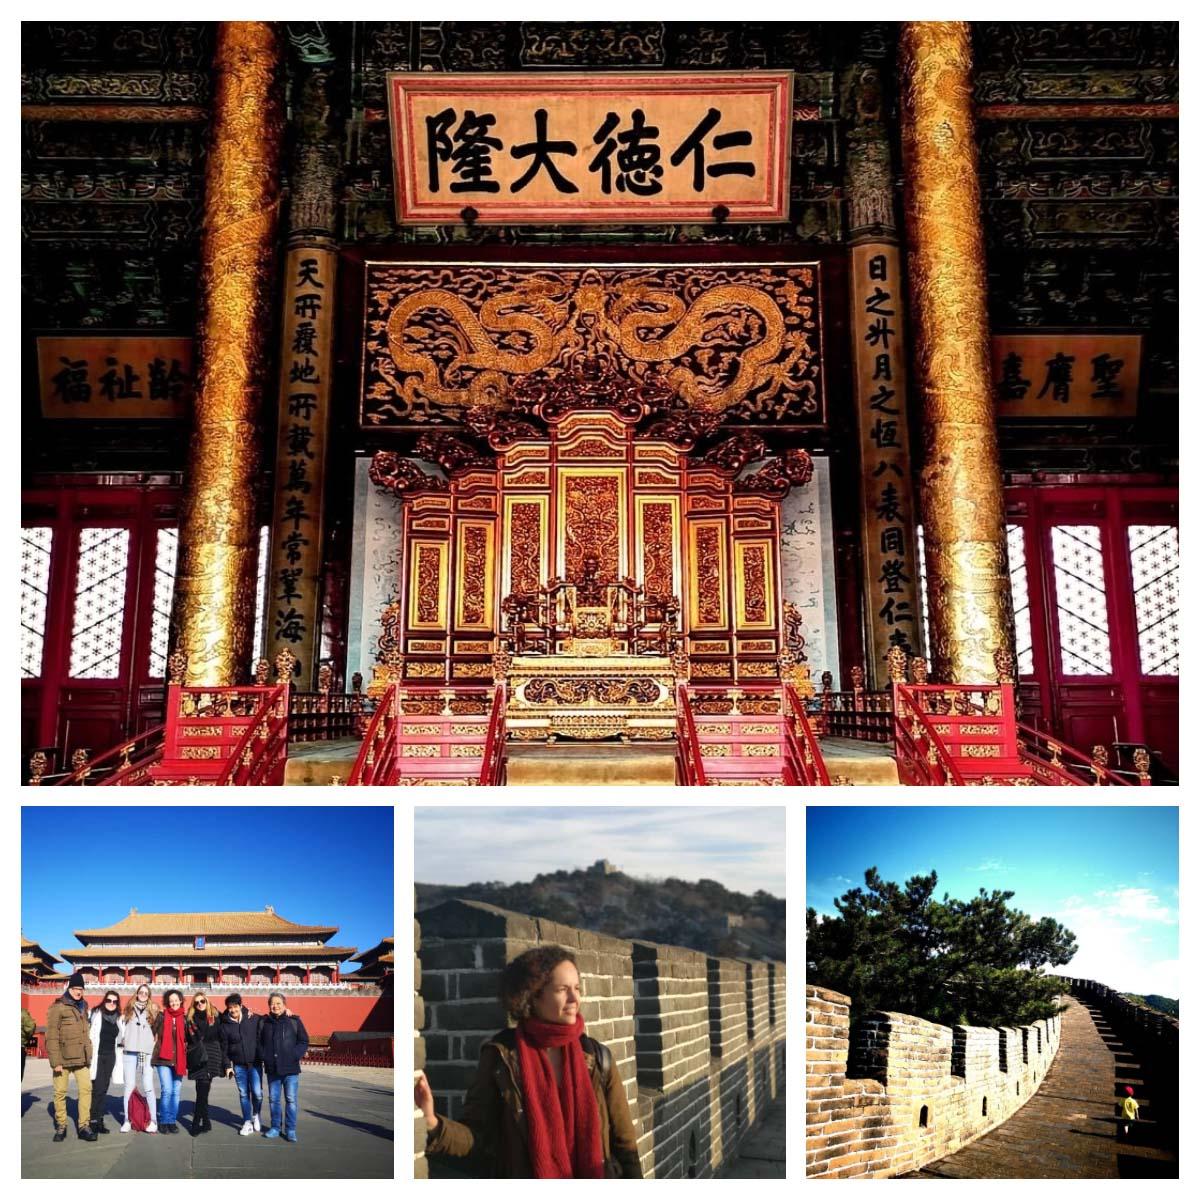 Guias de Turismo em português na China